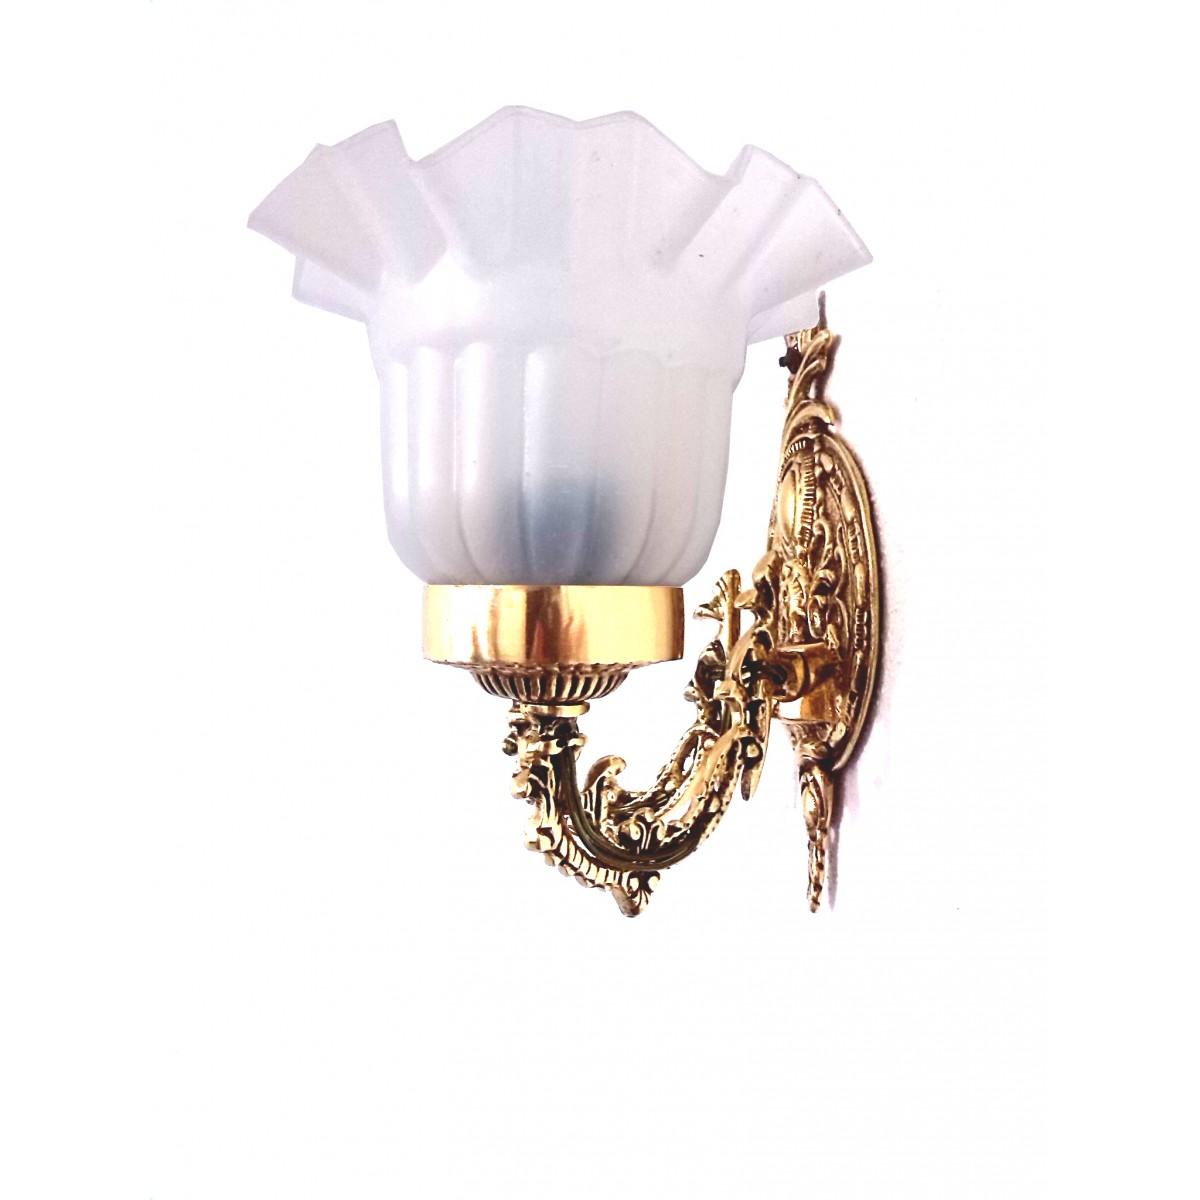 Arandela Dupla Com Tulipa em ABS Inquebrável - Cod 026  - Bronze Shop